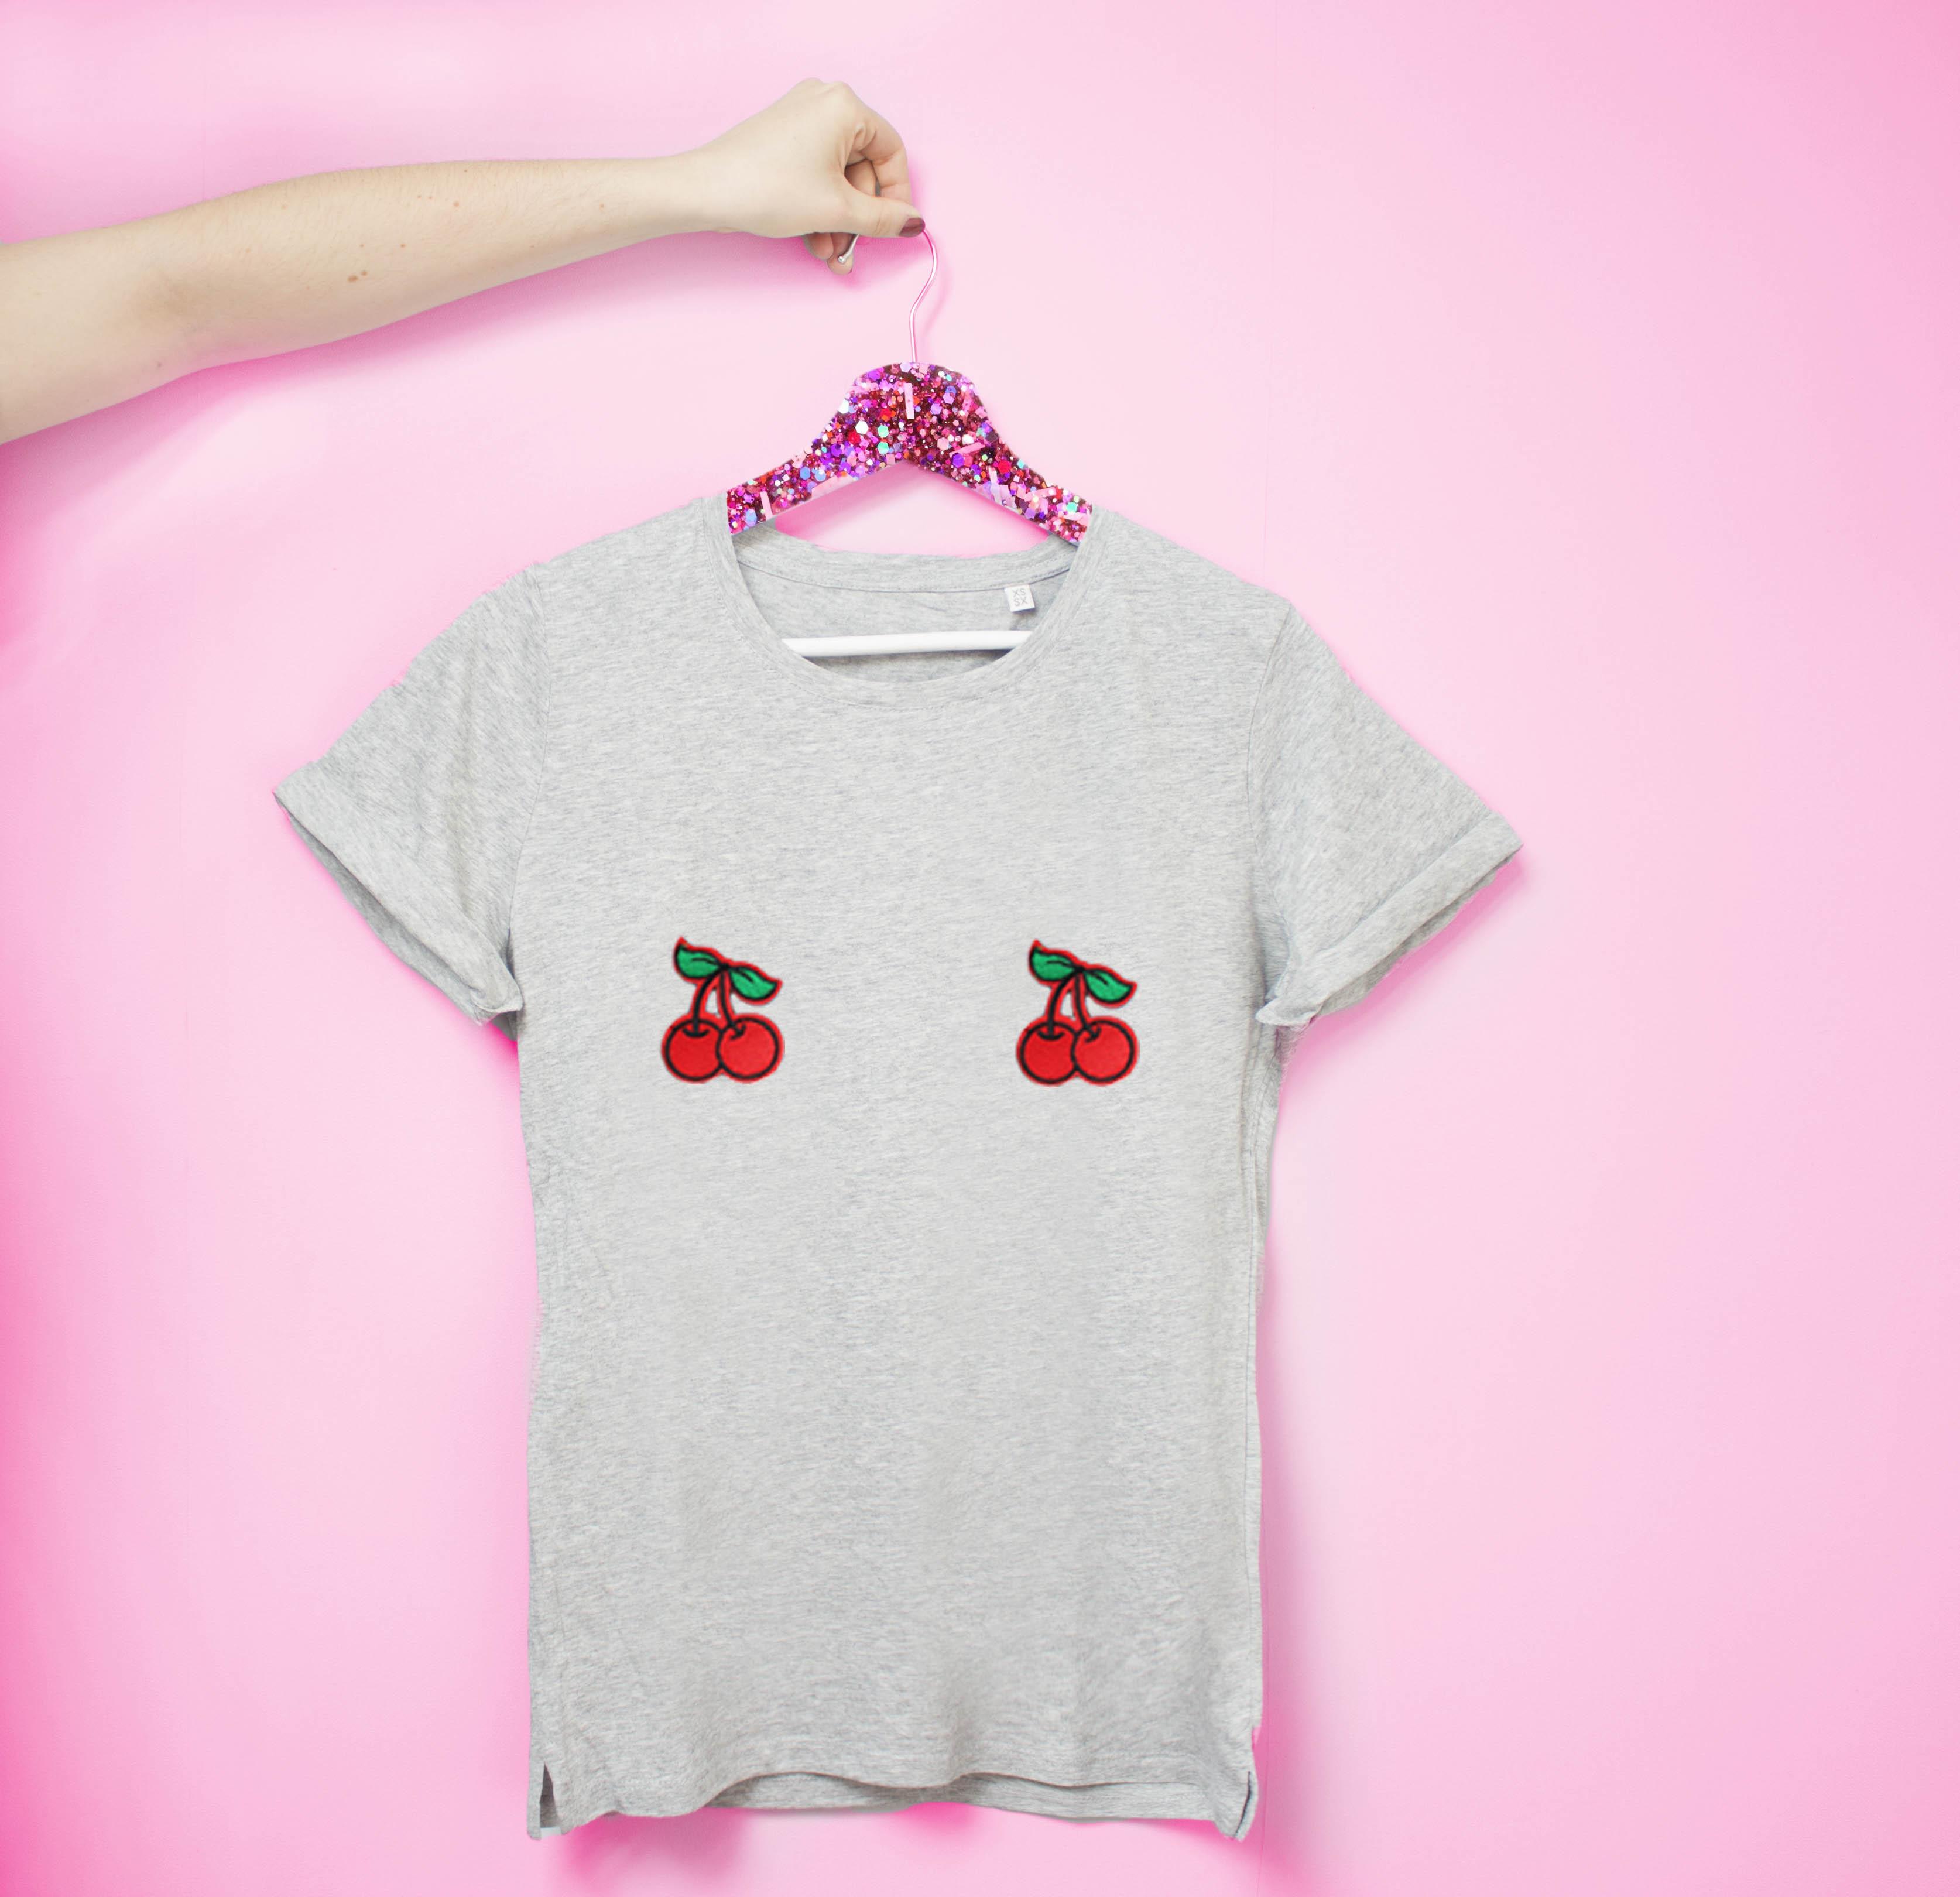 """Tee-shirts de la marque """"Tits Up"""""""